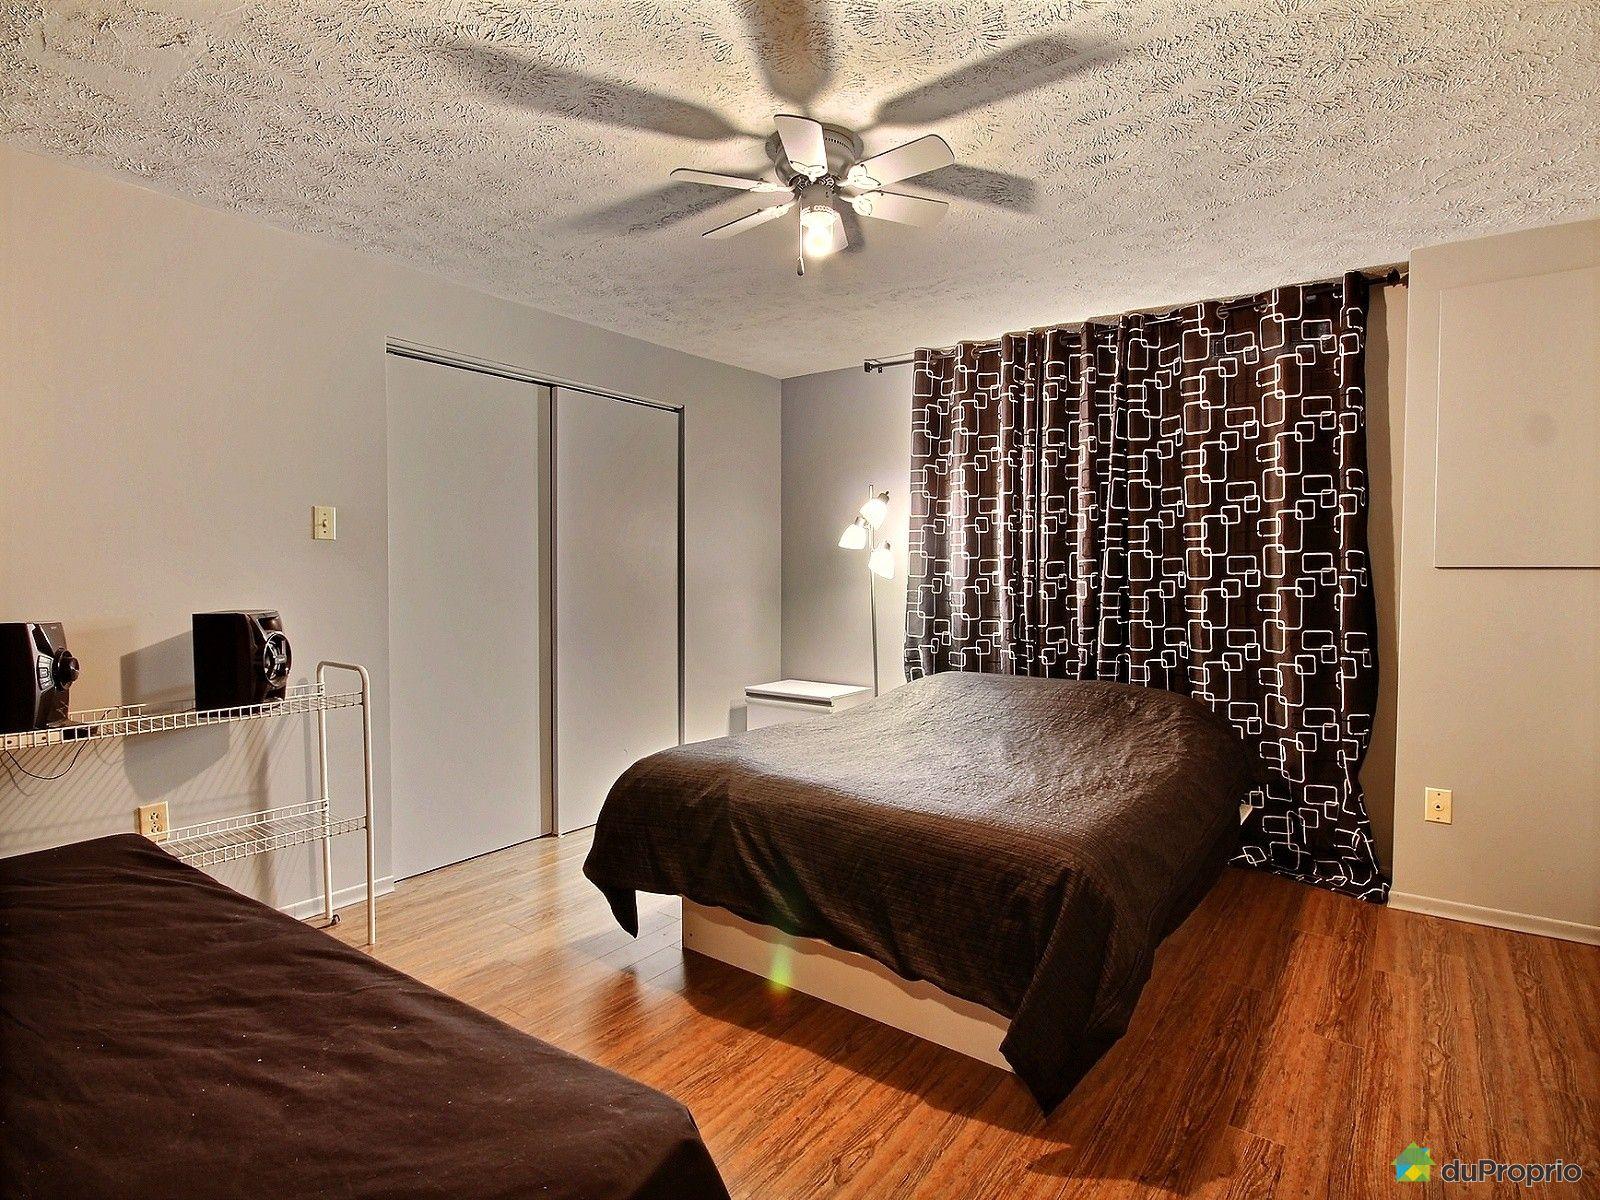 Maison  vendre Sherbrooke 2765 rue Parrot immobilier Qubec  DuProprio  692715